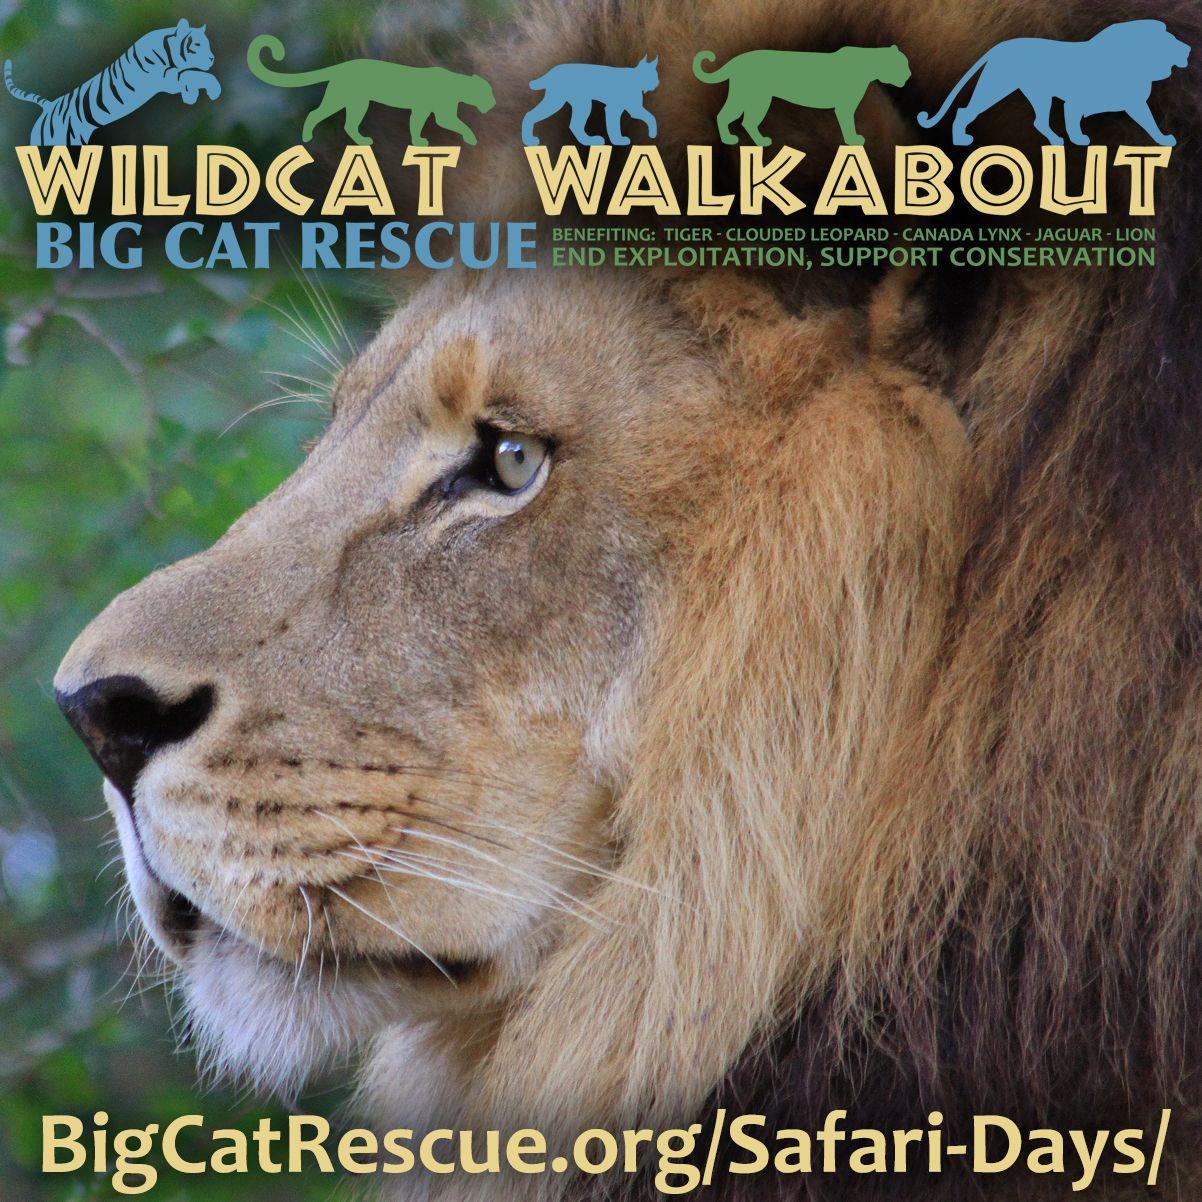 Pin on 2013 Big Cat Rescue Calendar!